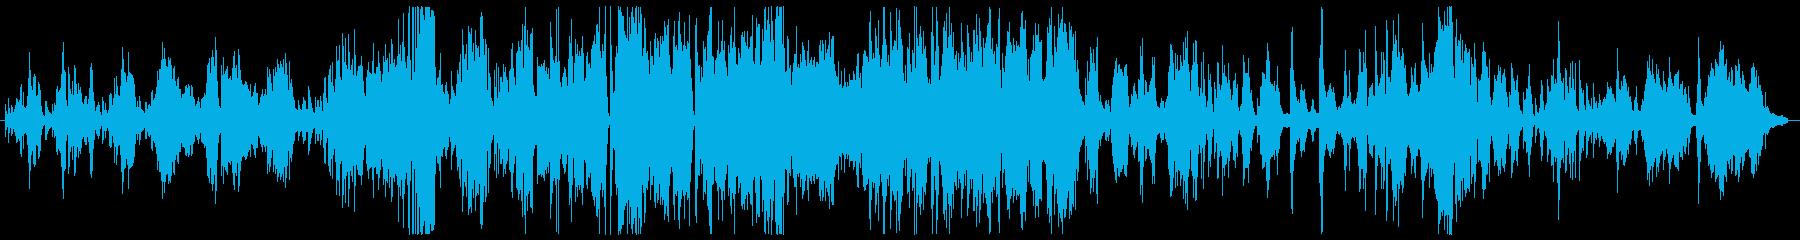 生演奏によるジャズのピアノ曲の再生済みの波形